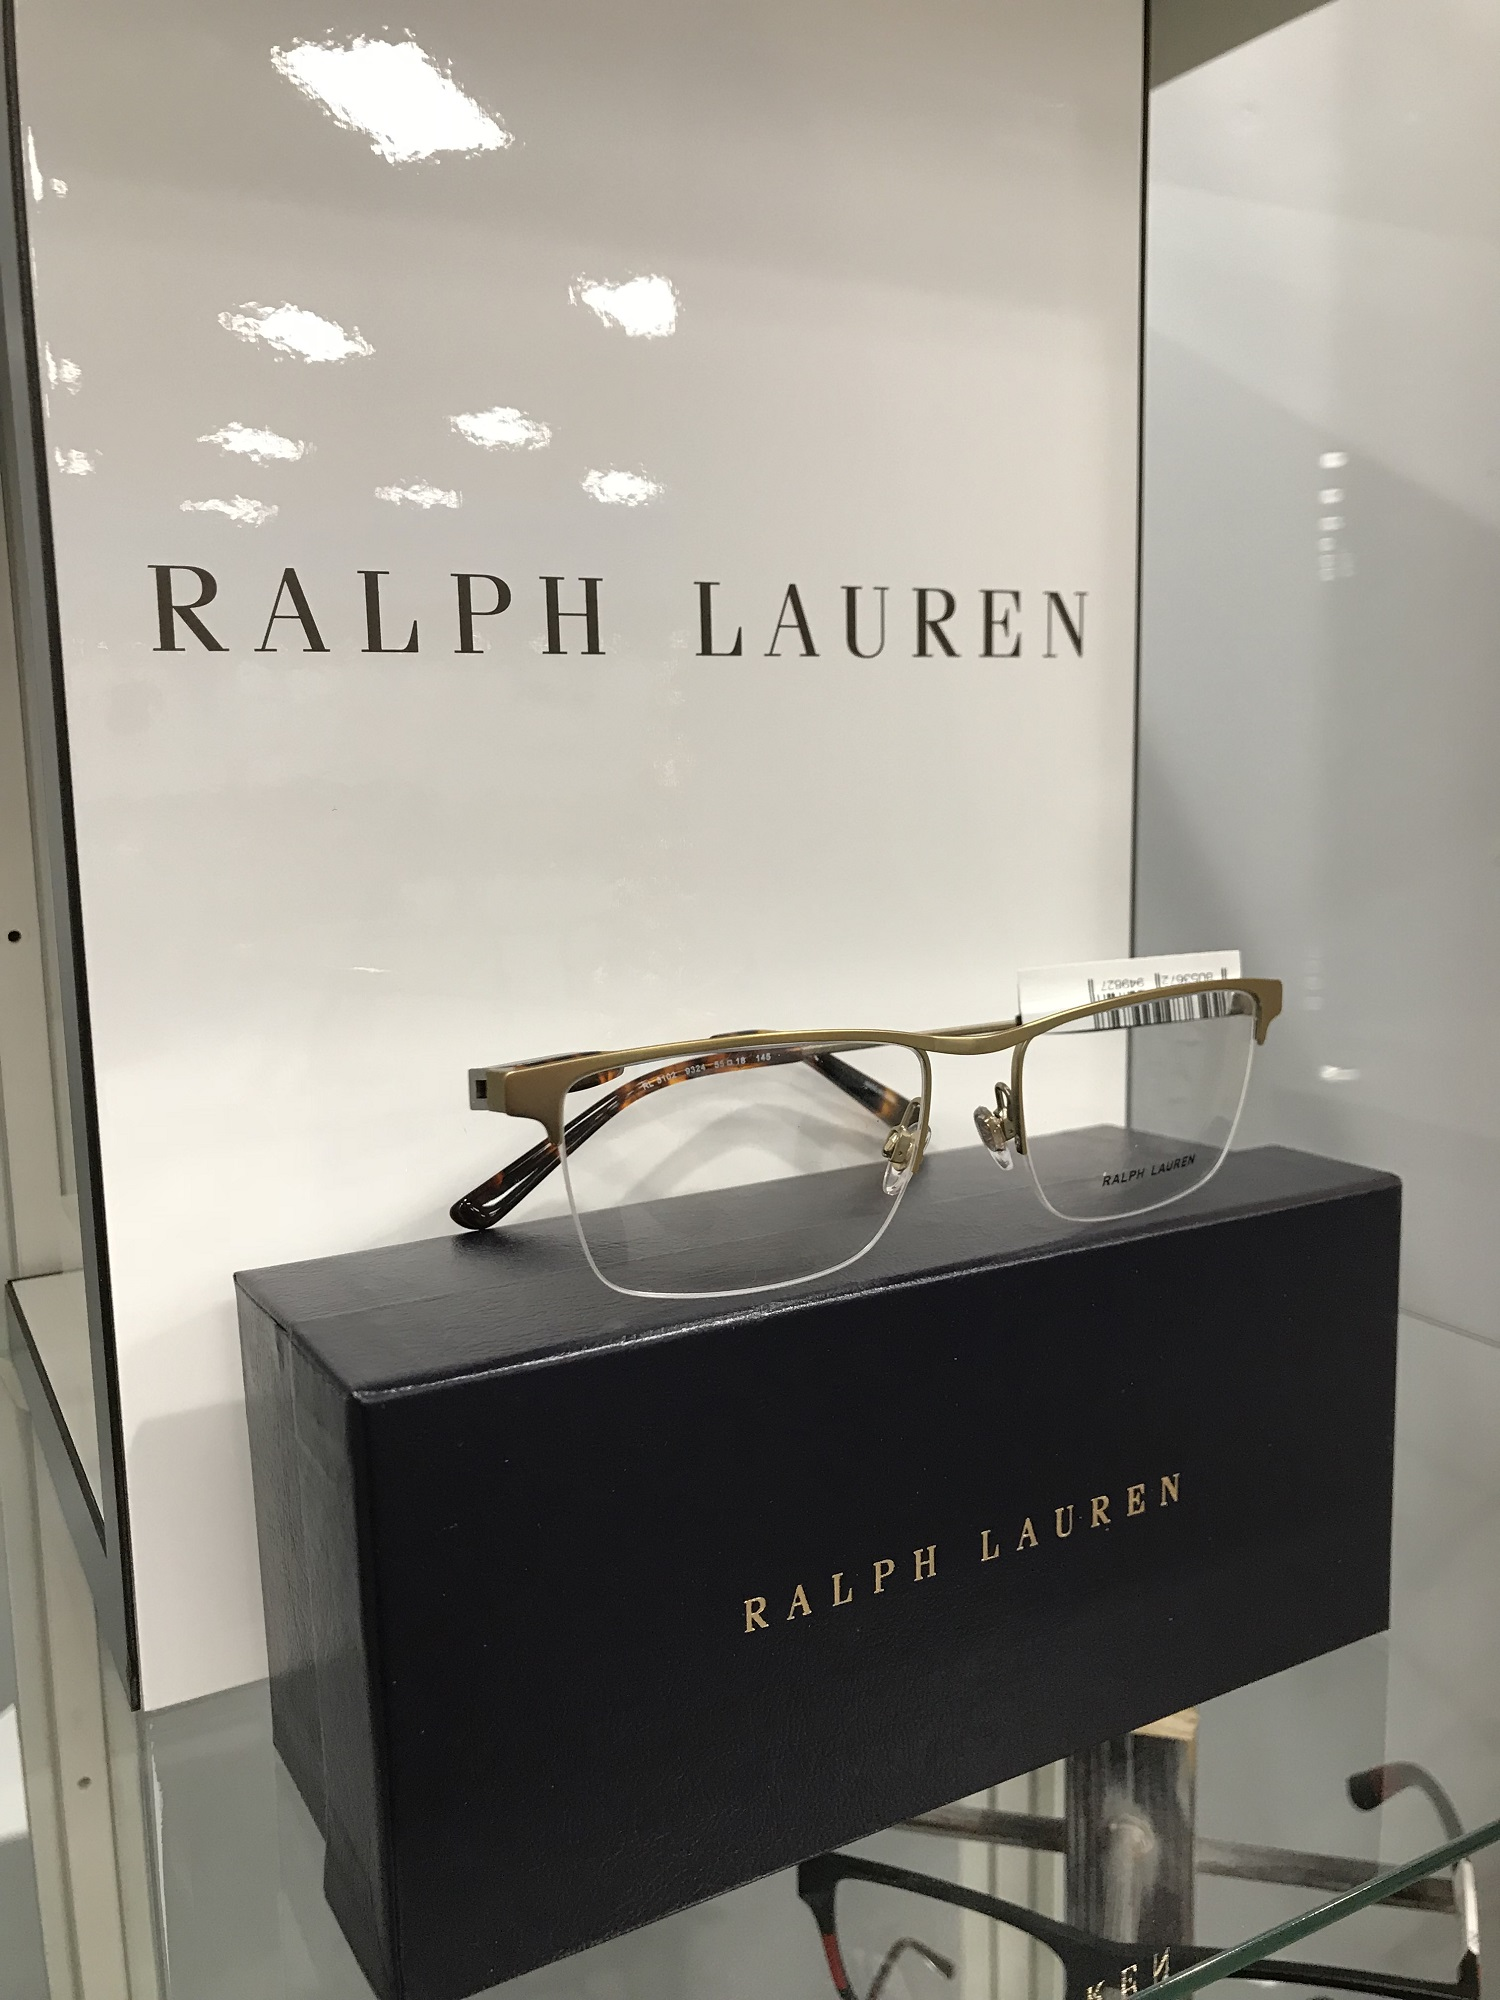 Ralph Lauren eyeglass display